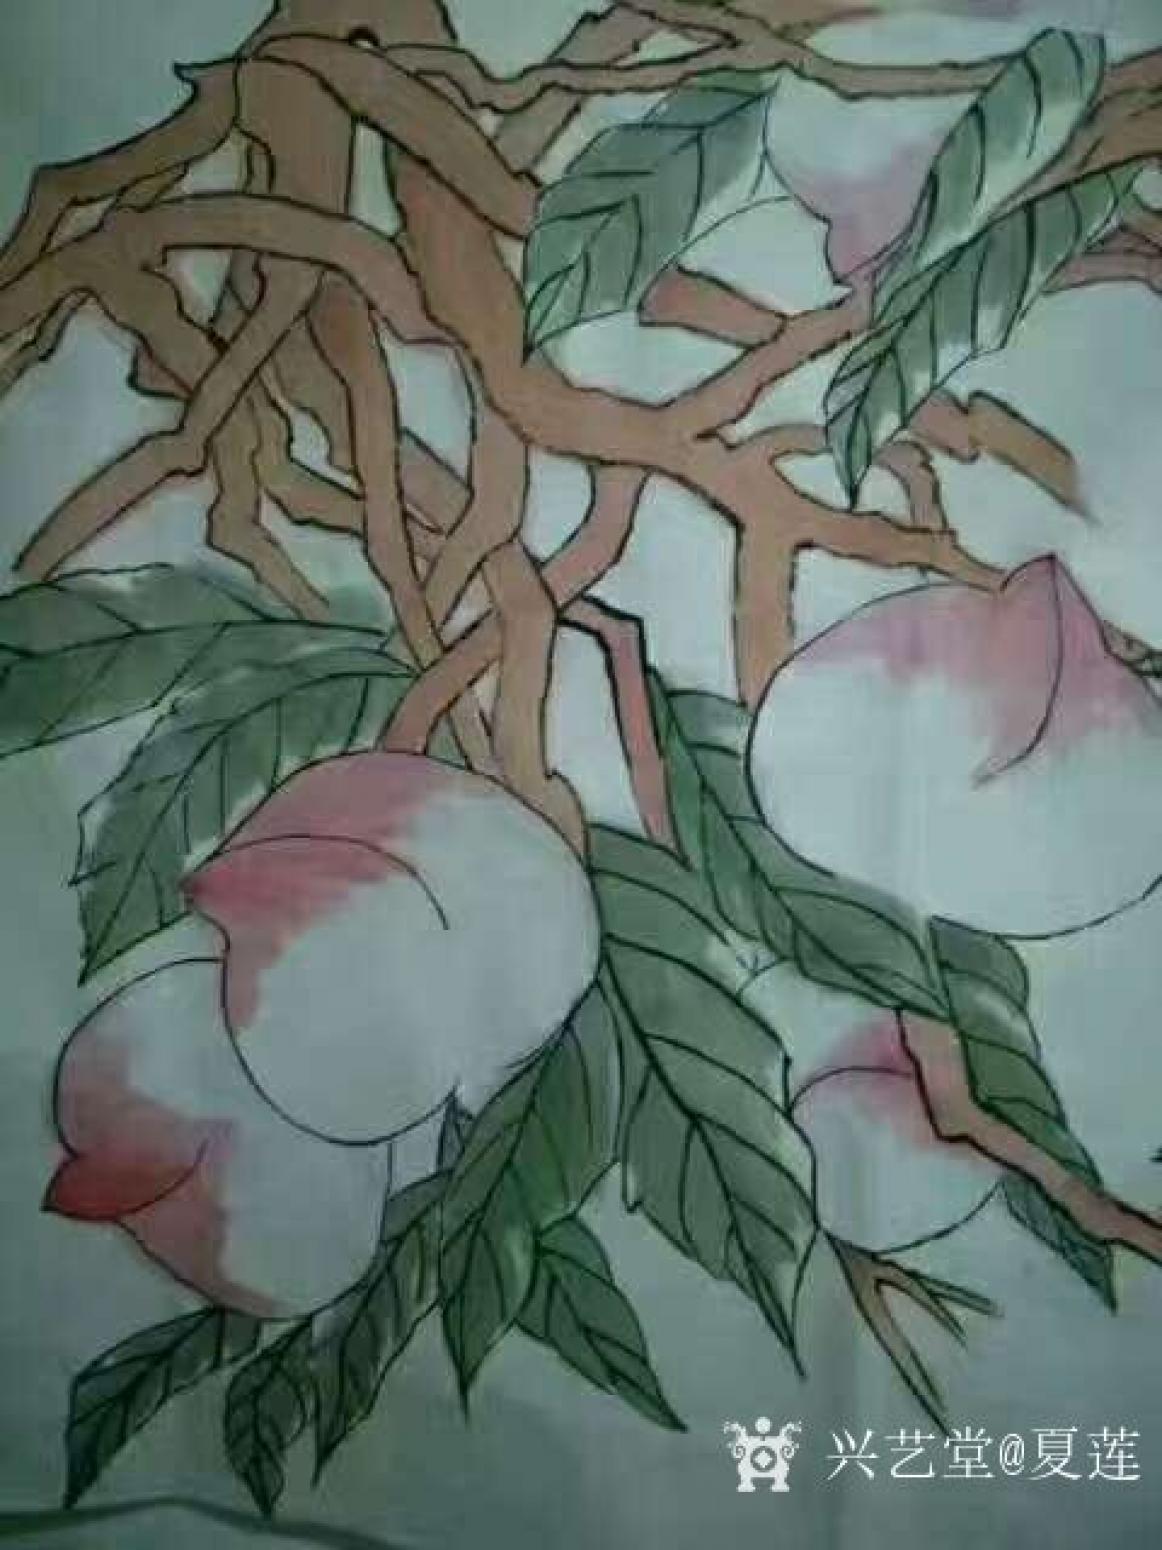 夏莲国画作品《千年寿桃》